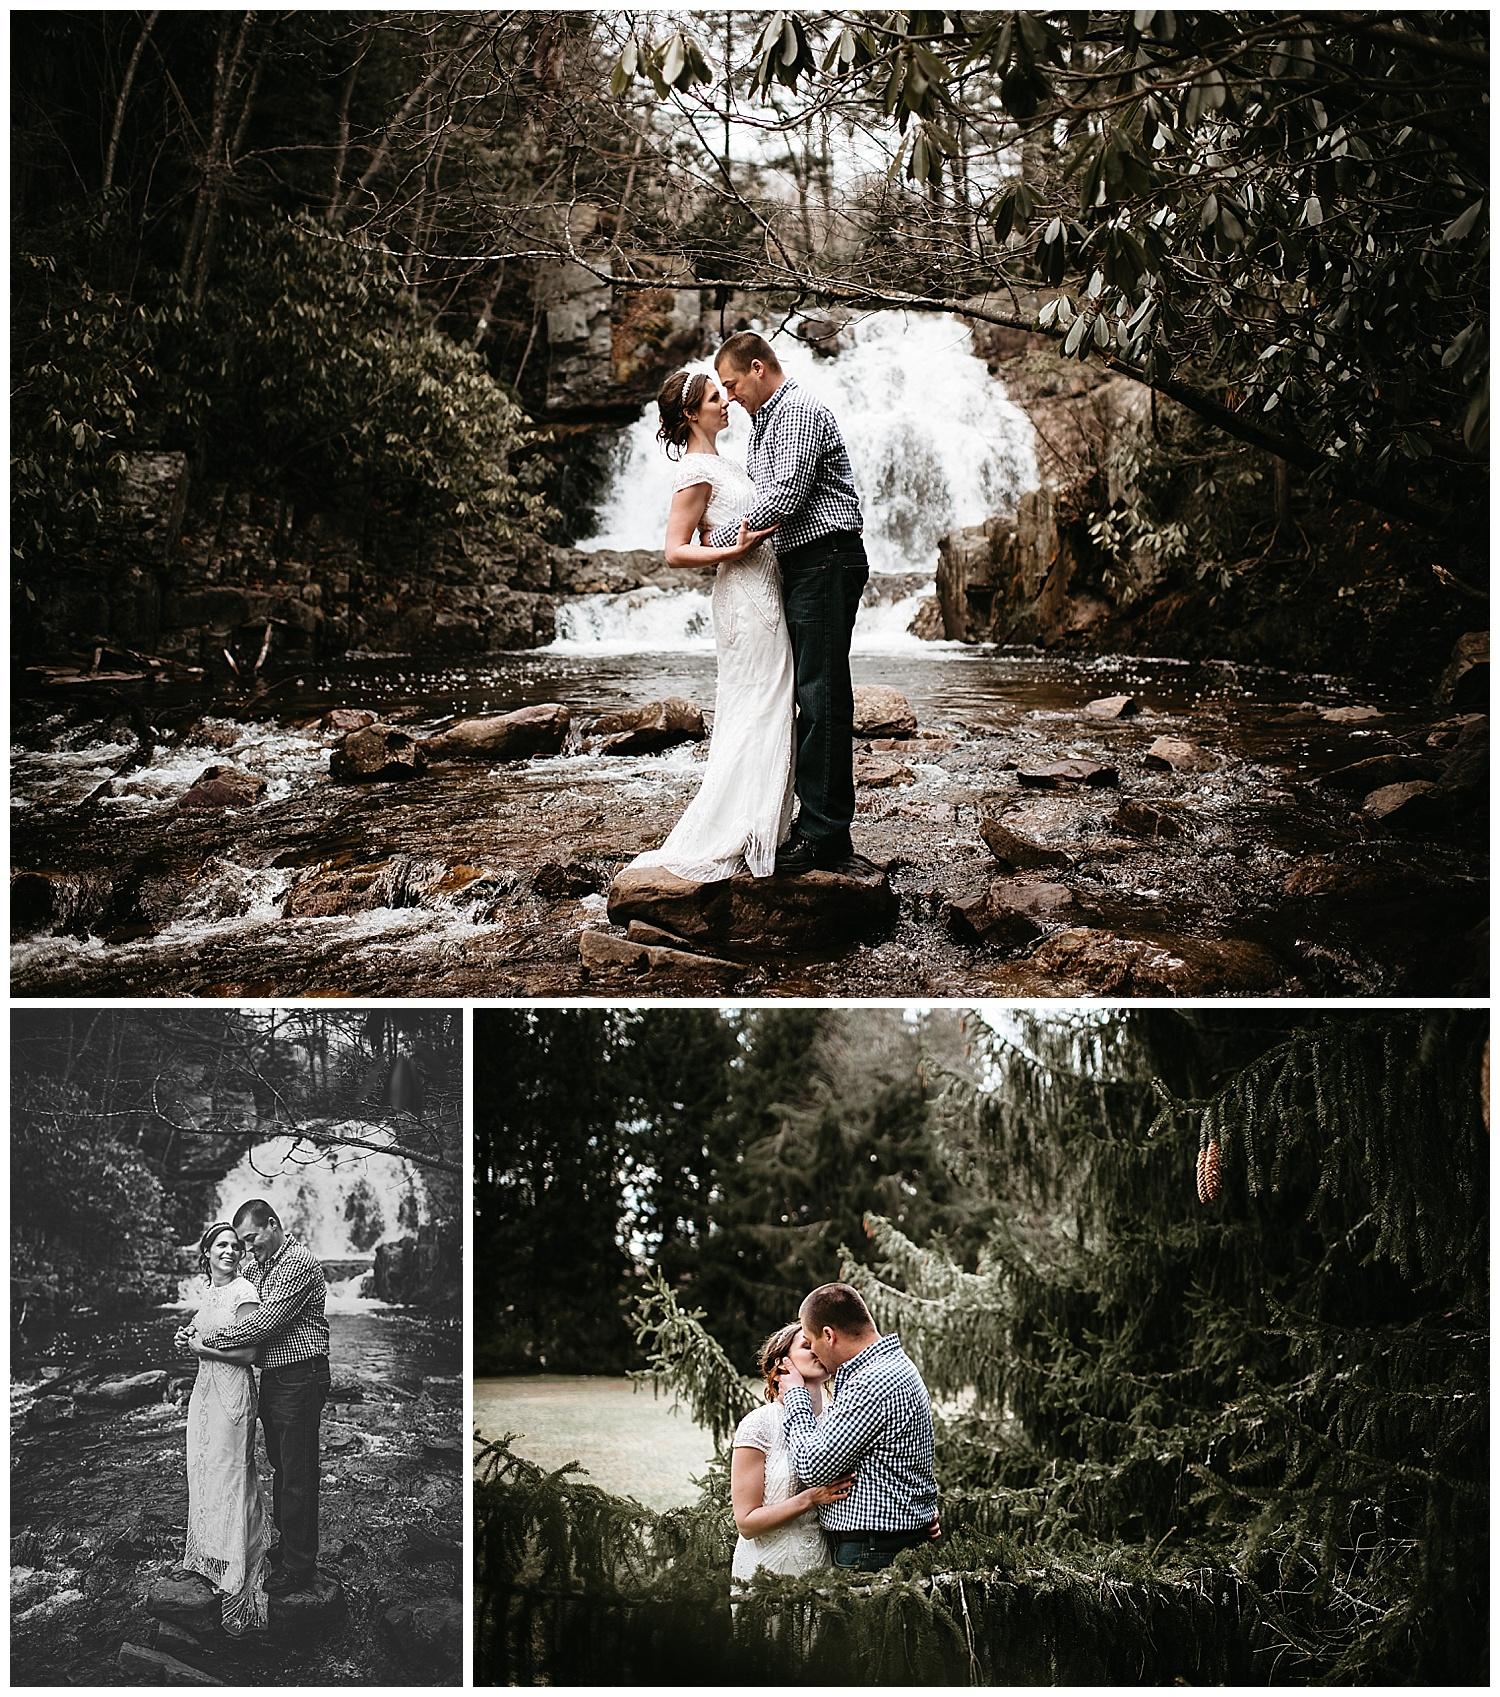 NEPA-Wedding-Engagement-photographer-hickory-run-state-park-hawk-falls-elopement_0034.jpg